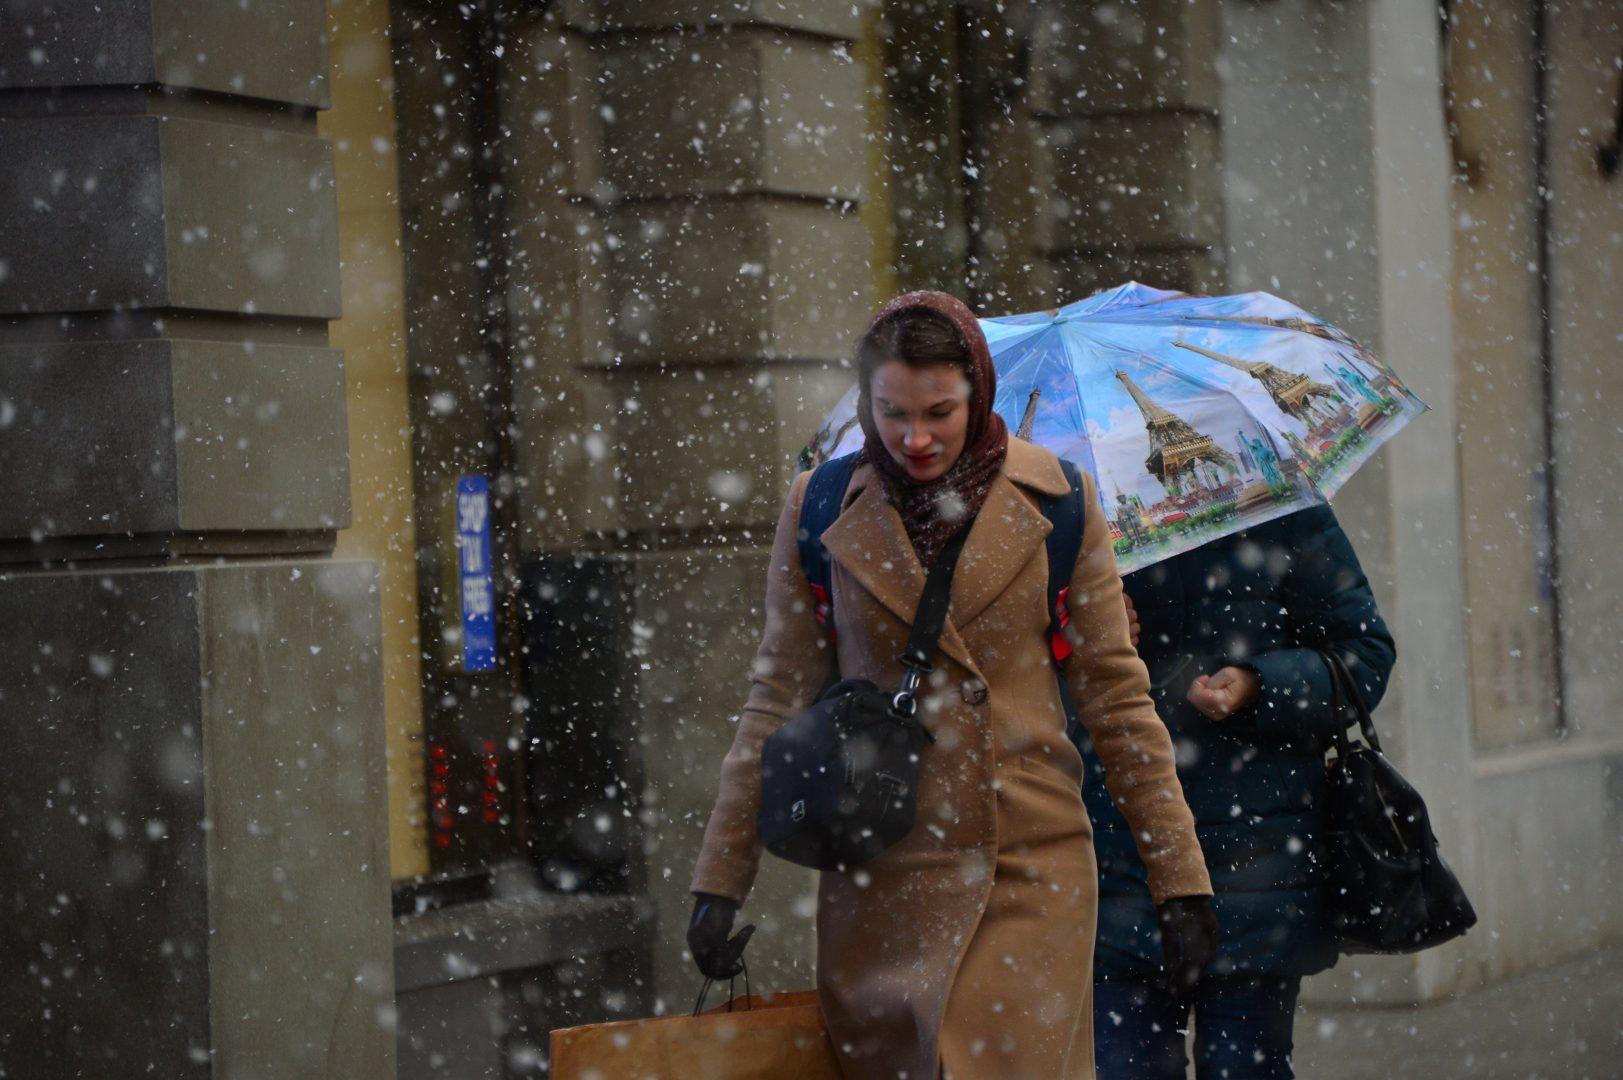 Москвичам рассказали о погоде в воскресенье. Фото: Пелагия Замятина, «Вечерняя Москва»